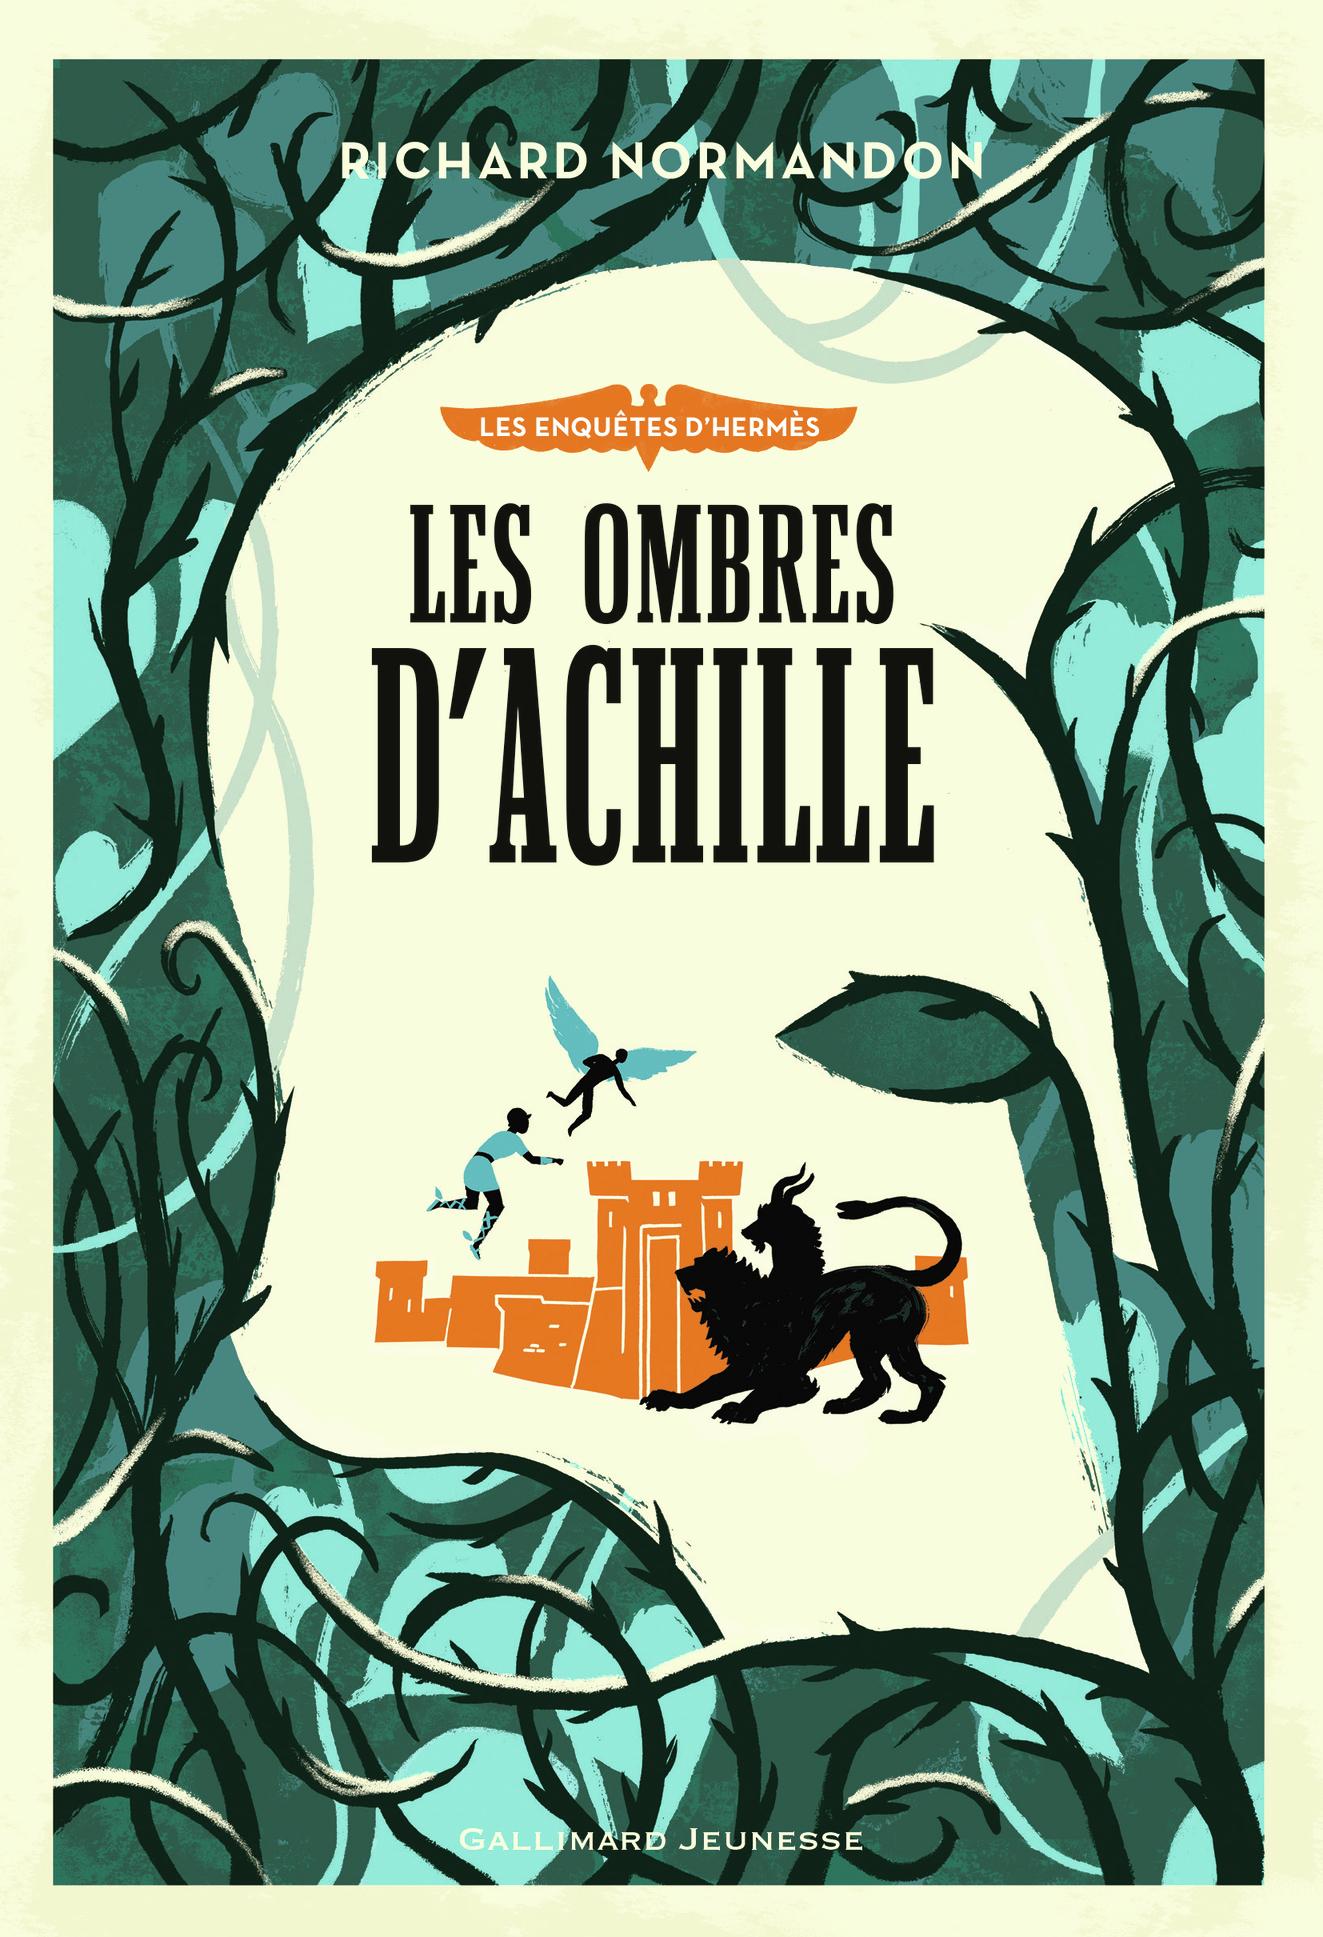 Les Ombres d'Achille